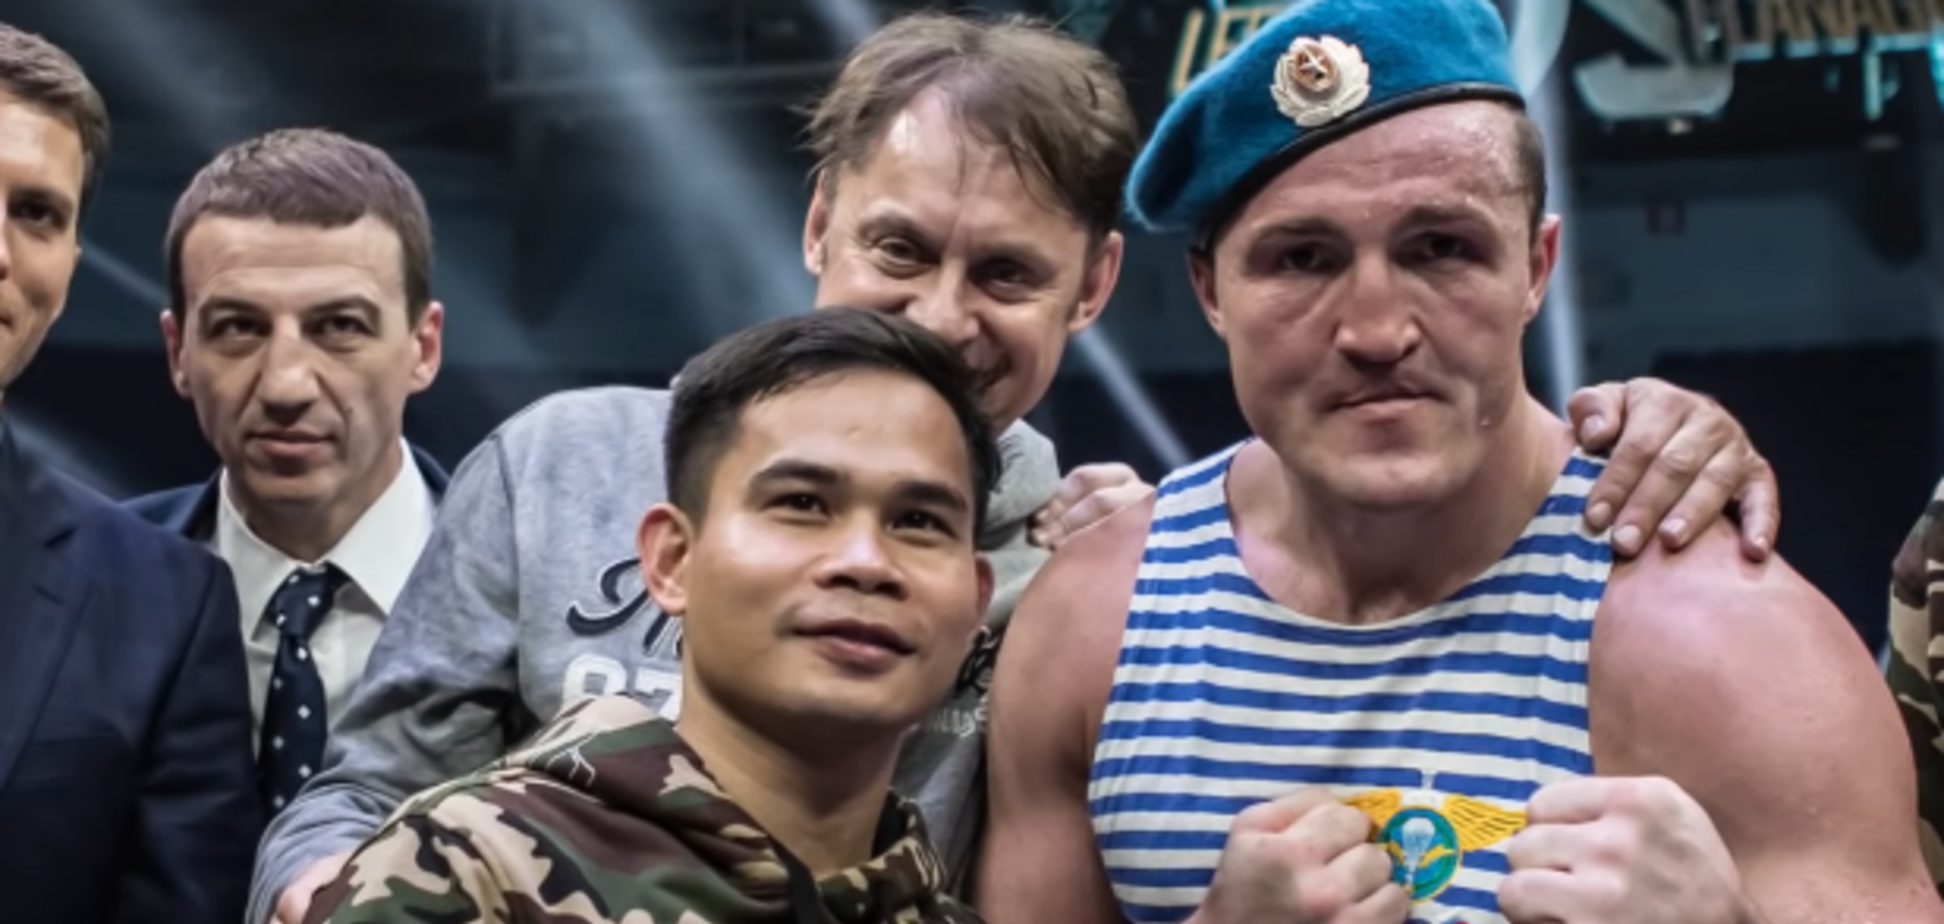 ''Как в анекдоте'': боксера из команды Путина высмеяли за попытки подраться с Усиком